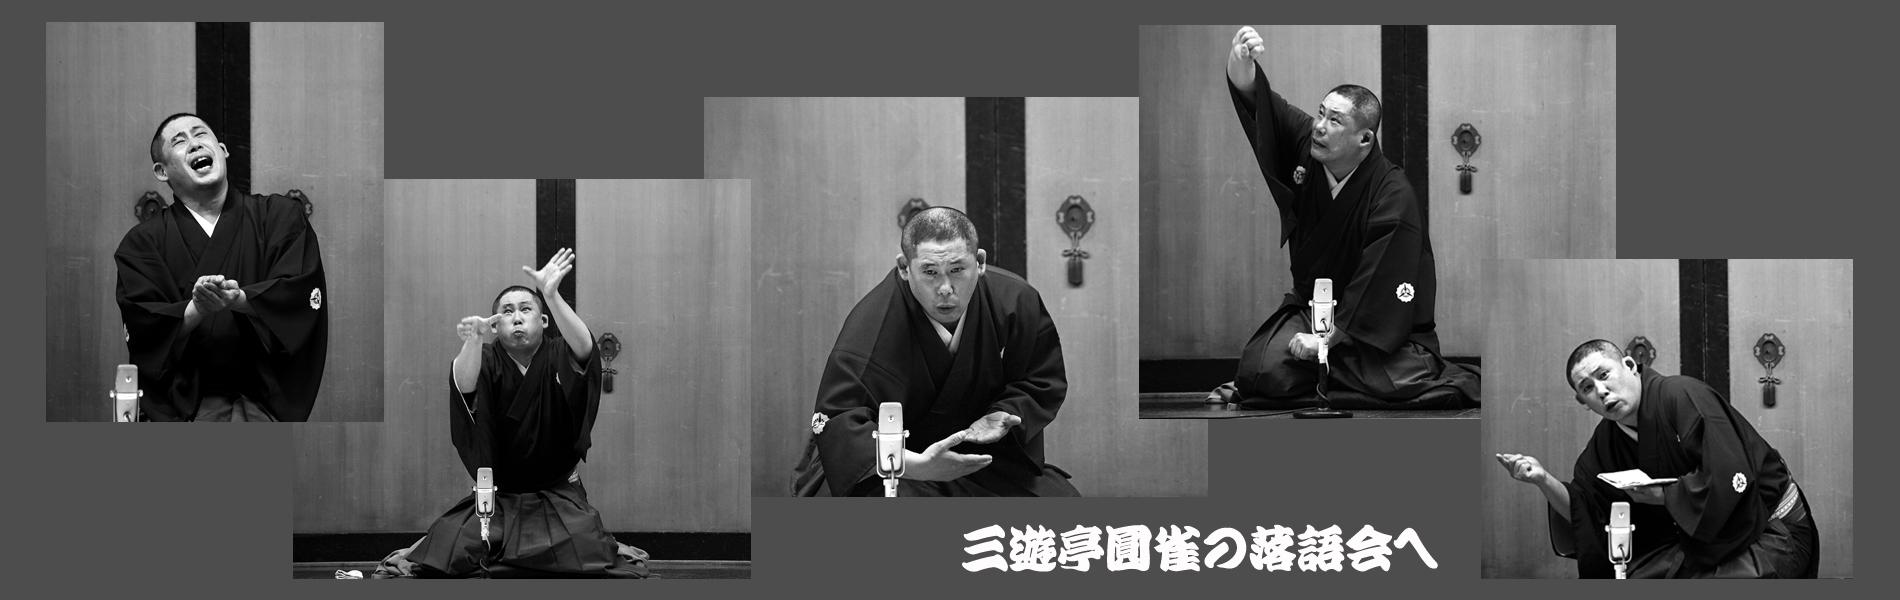 三遊亭圓雀の落語会へ